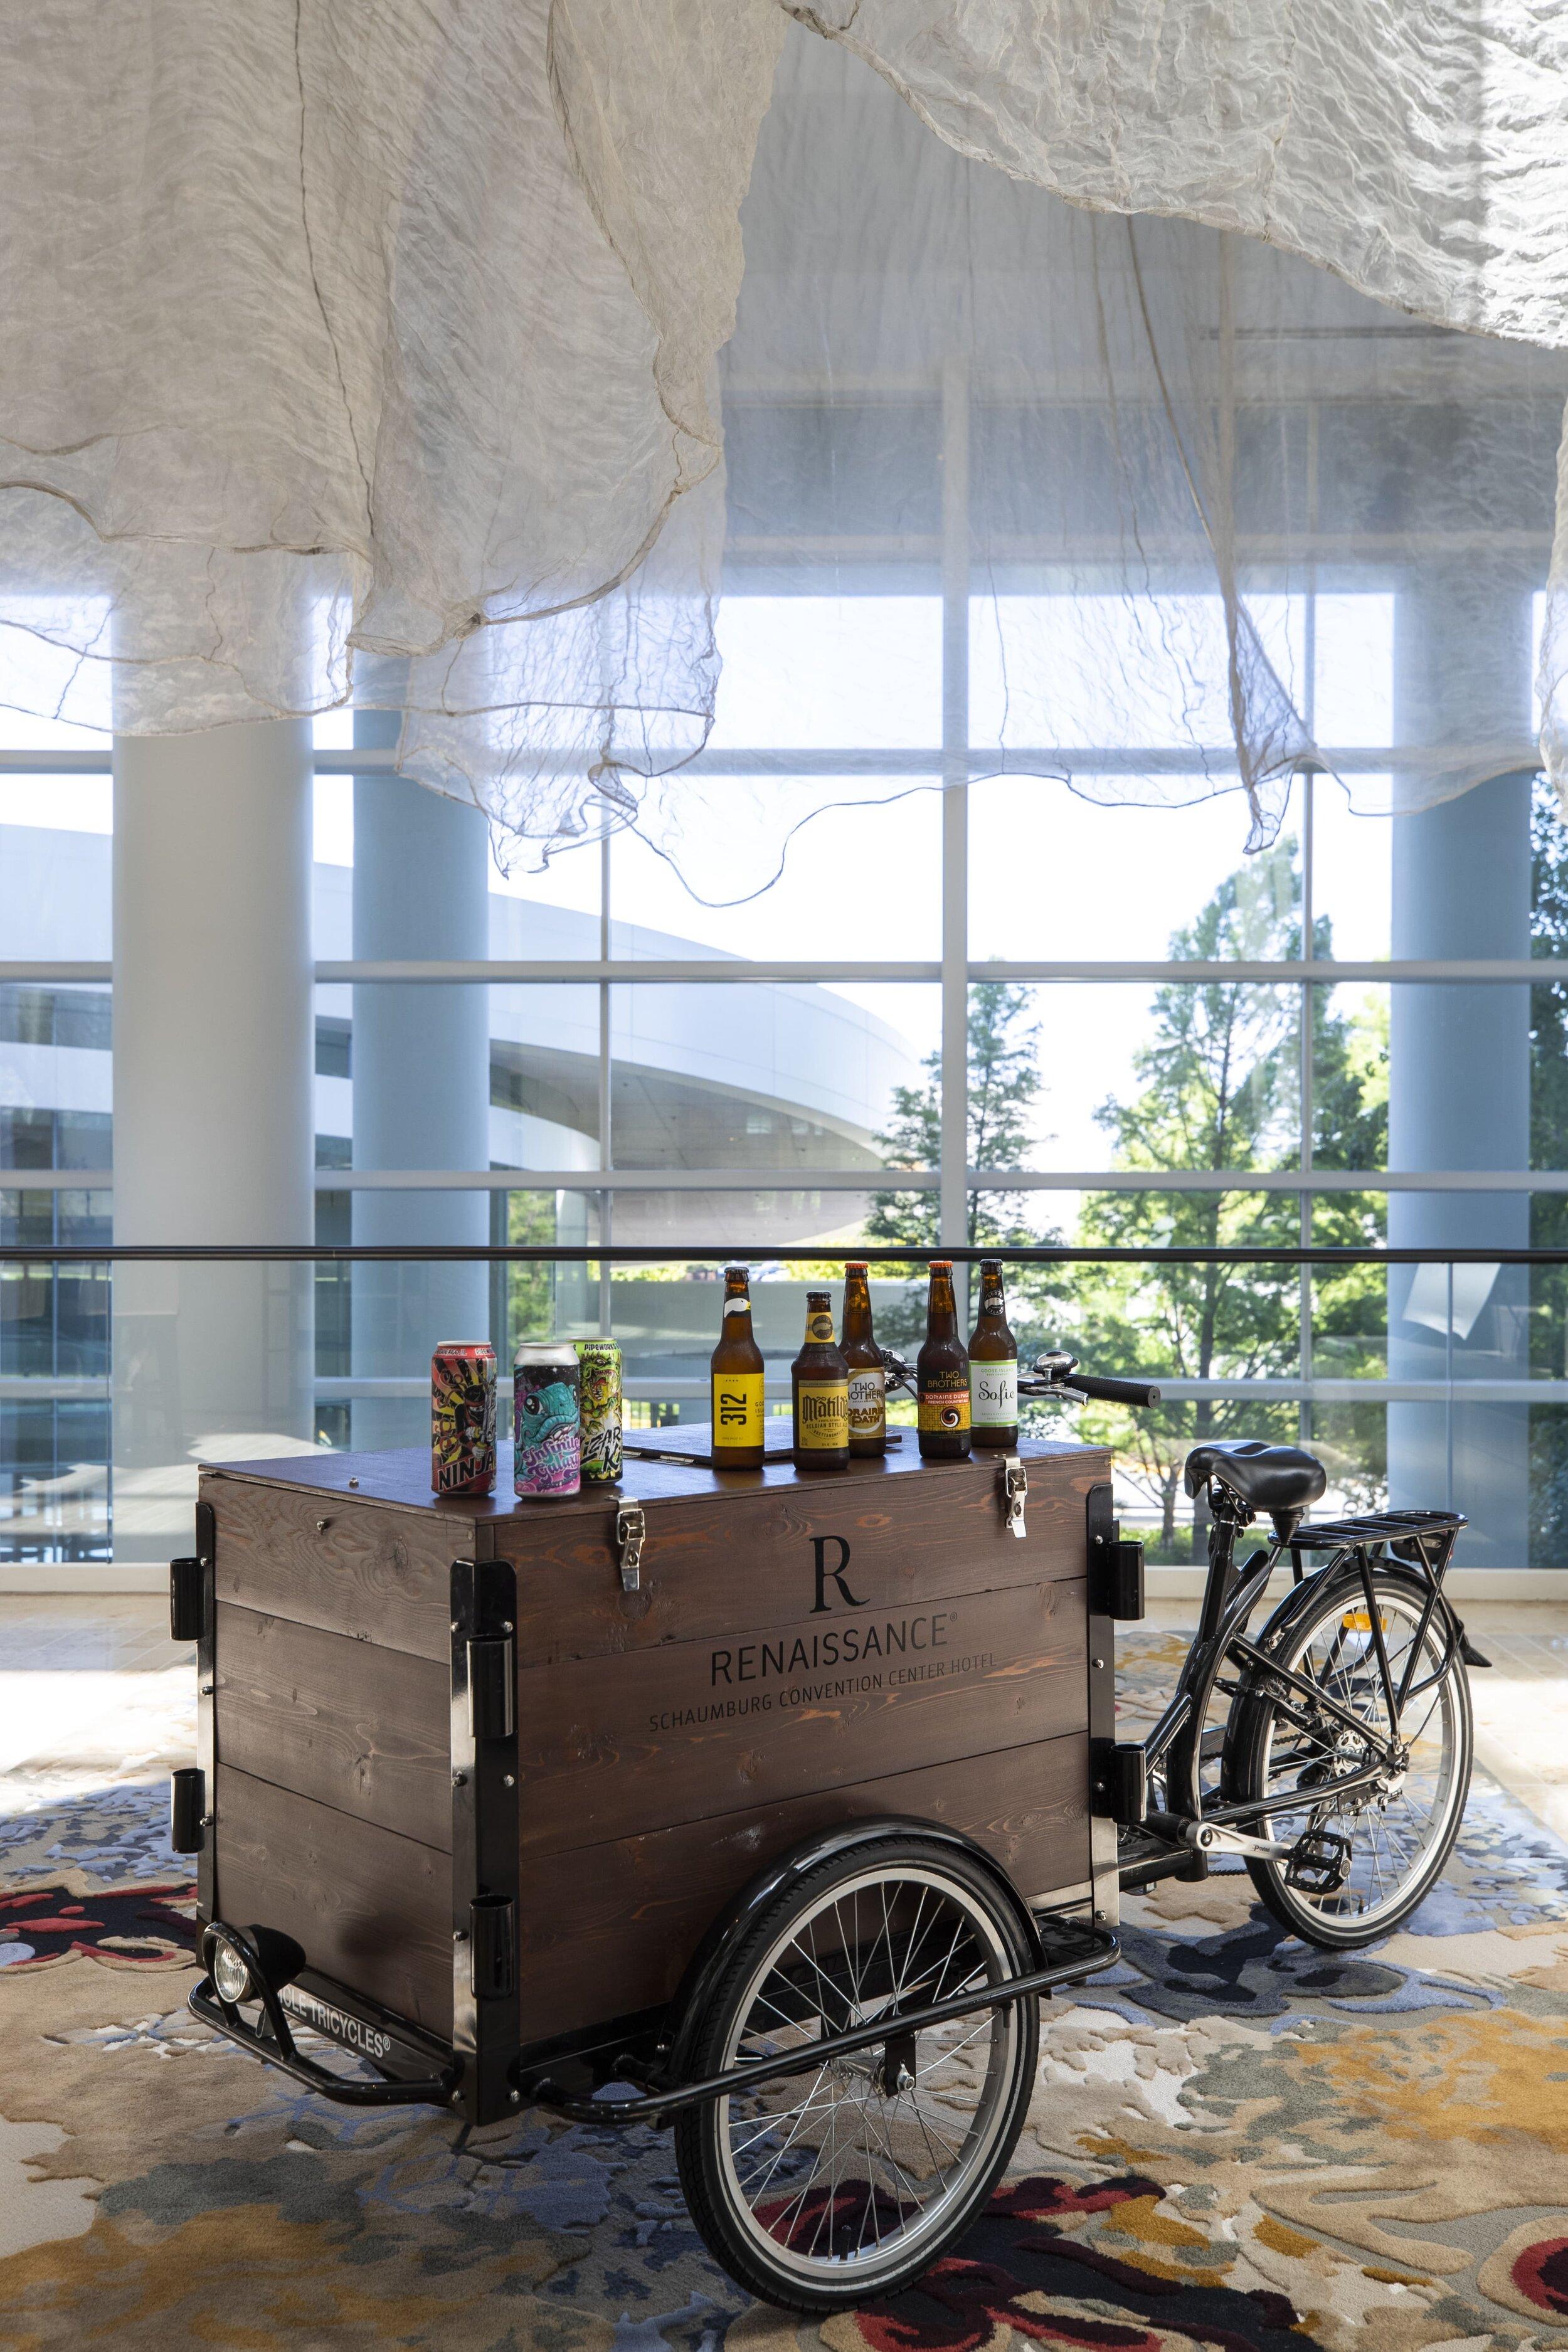 RH_CHIRS_Events_Beer_Bicycle_20637.jpg